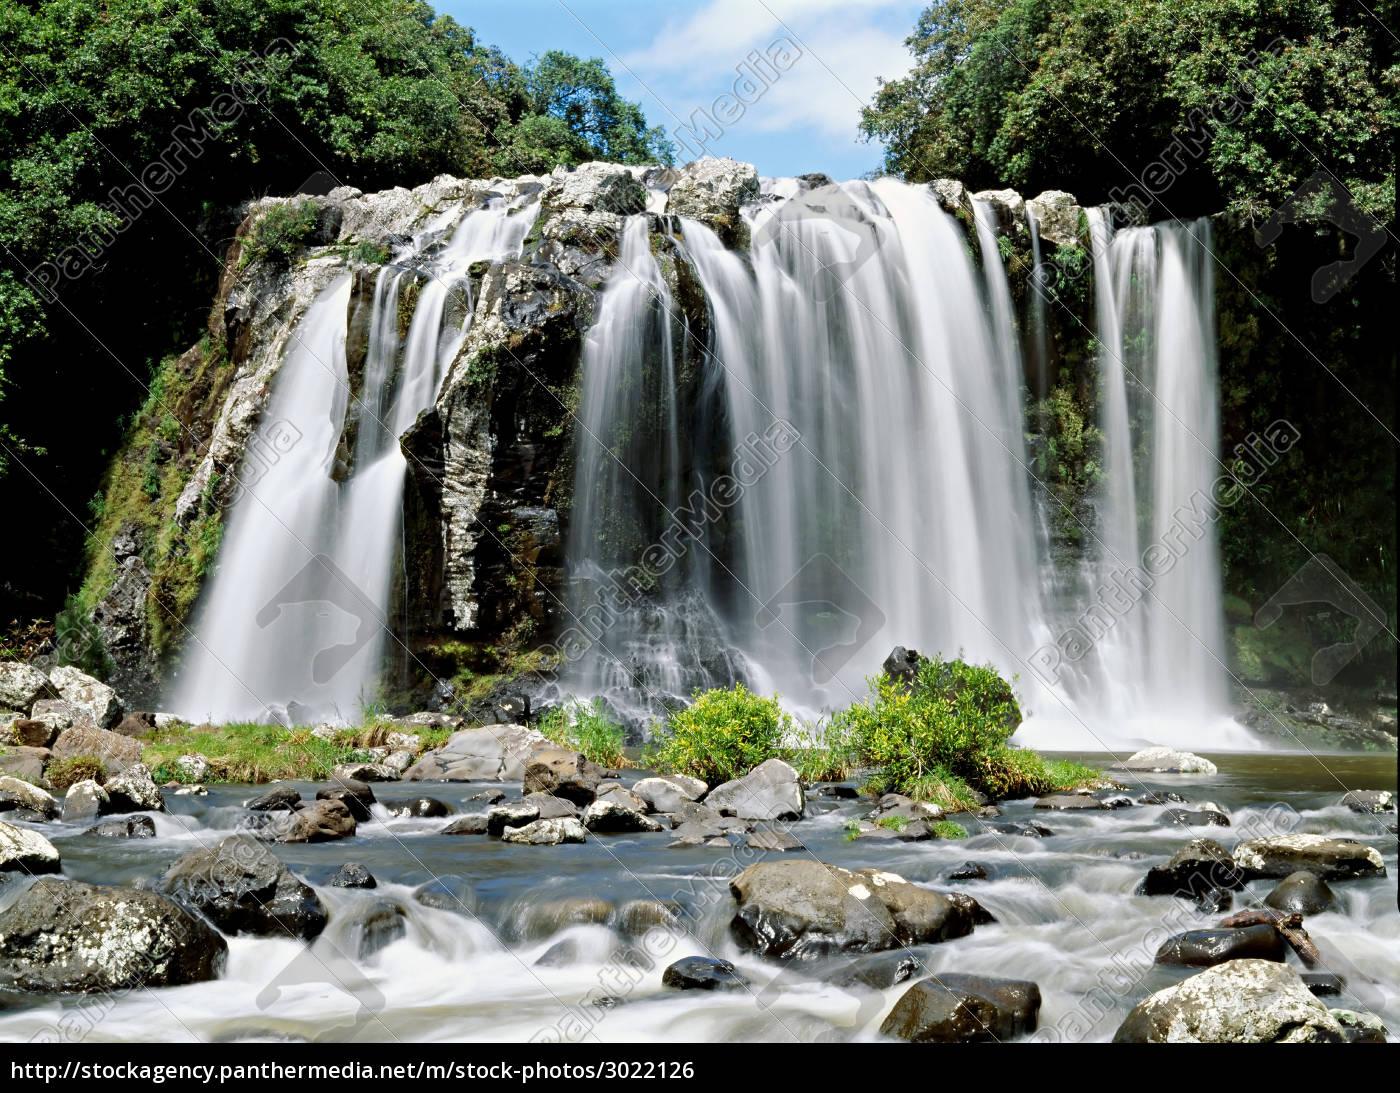 waterfall, in, reunion, island - 3022126